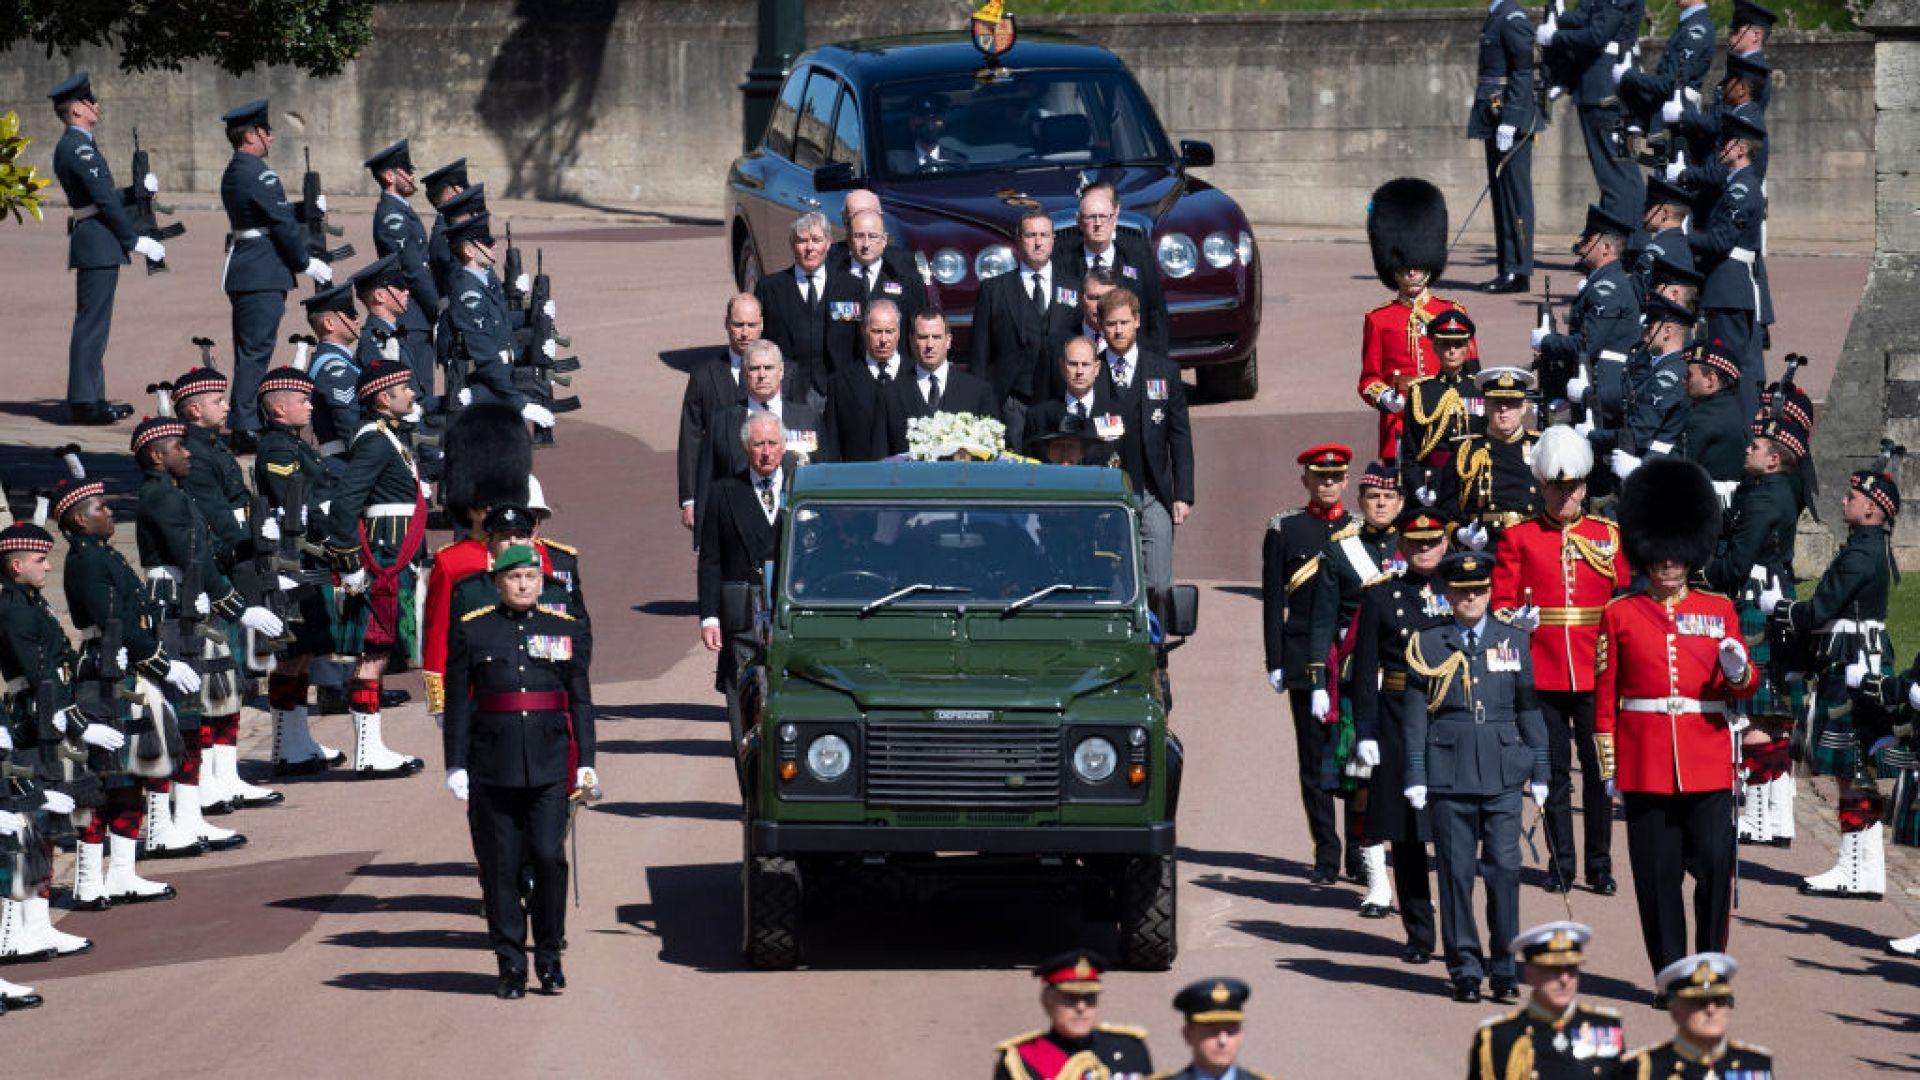 Два пъти по-малко тв зрители на погребението на принц Филип, отколкото на това на принцеса Даяна